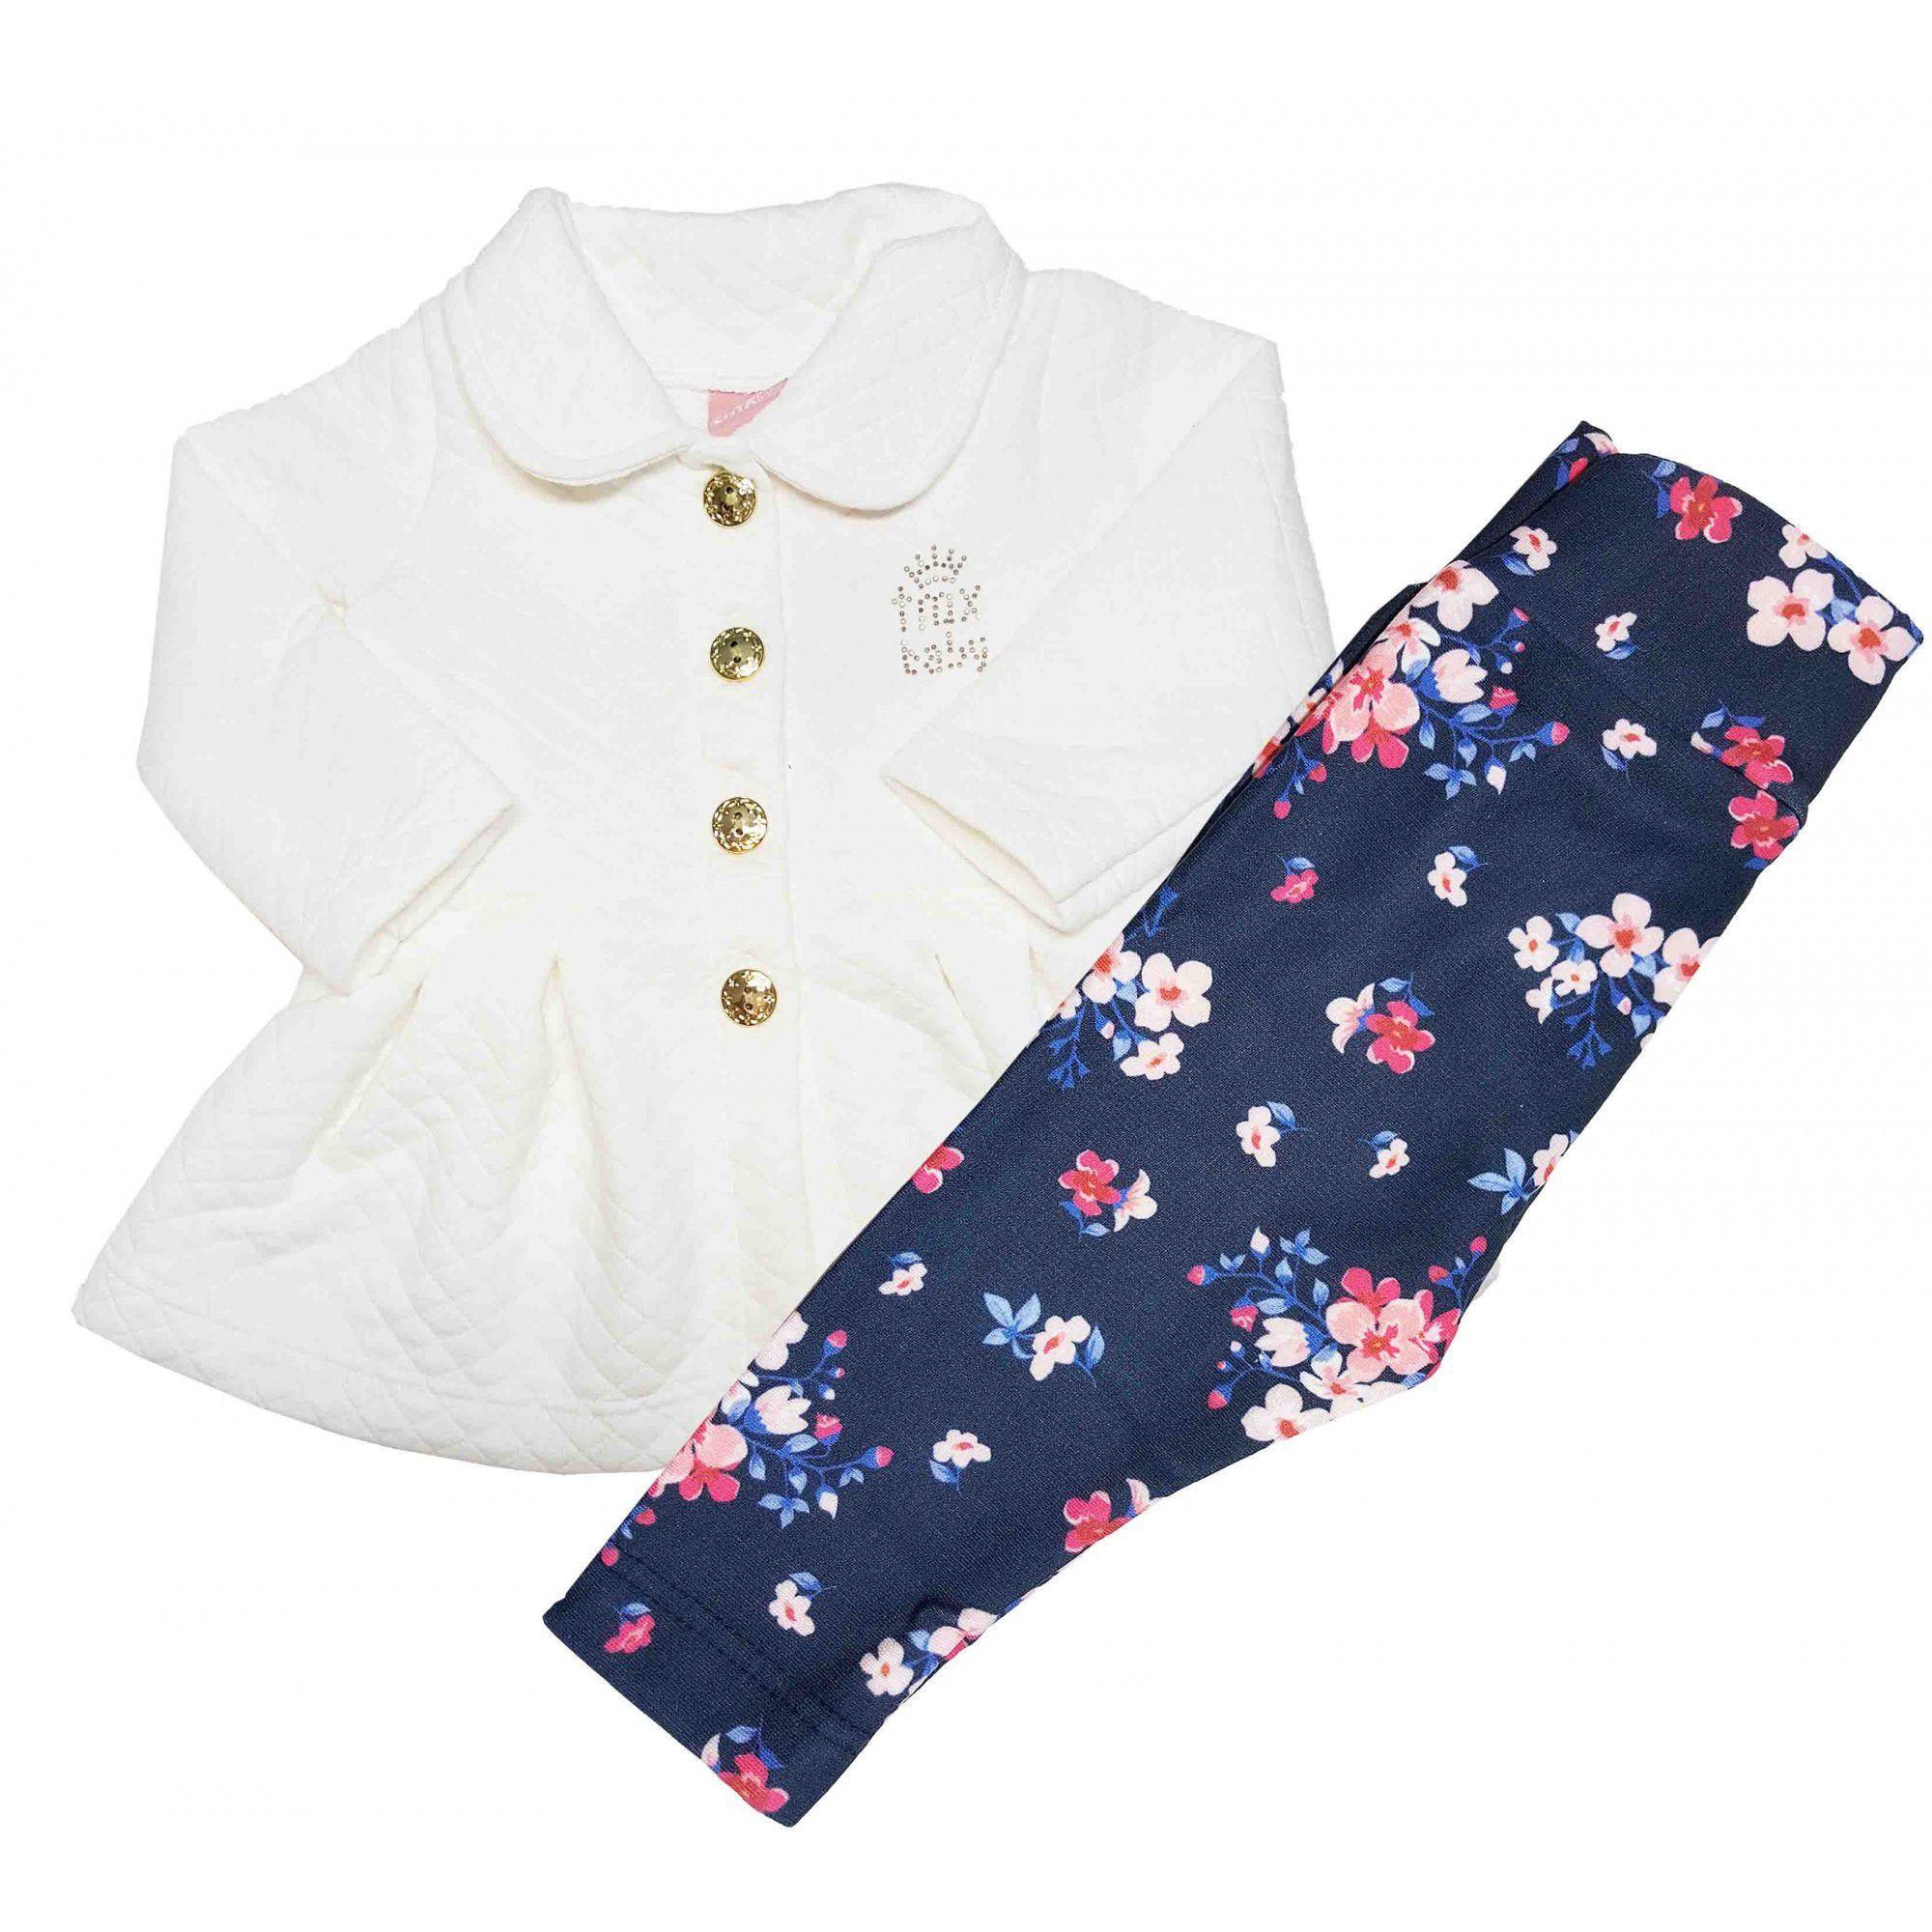 Conjunto Bebê Casaco Metelassê e Legging cotton TMX Marfim/Florzinhas - Tamanho P